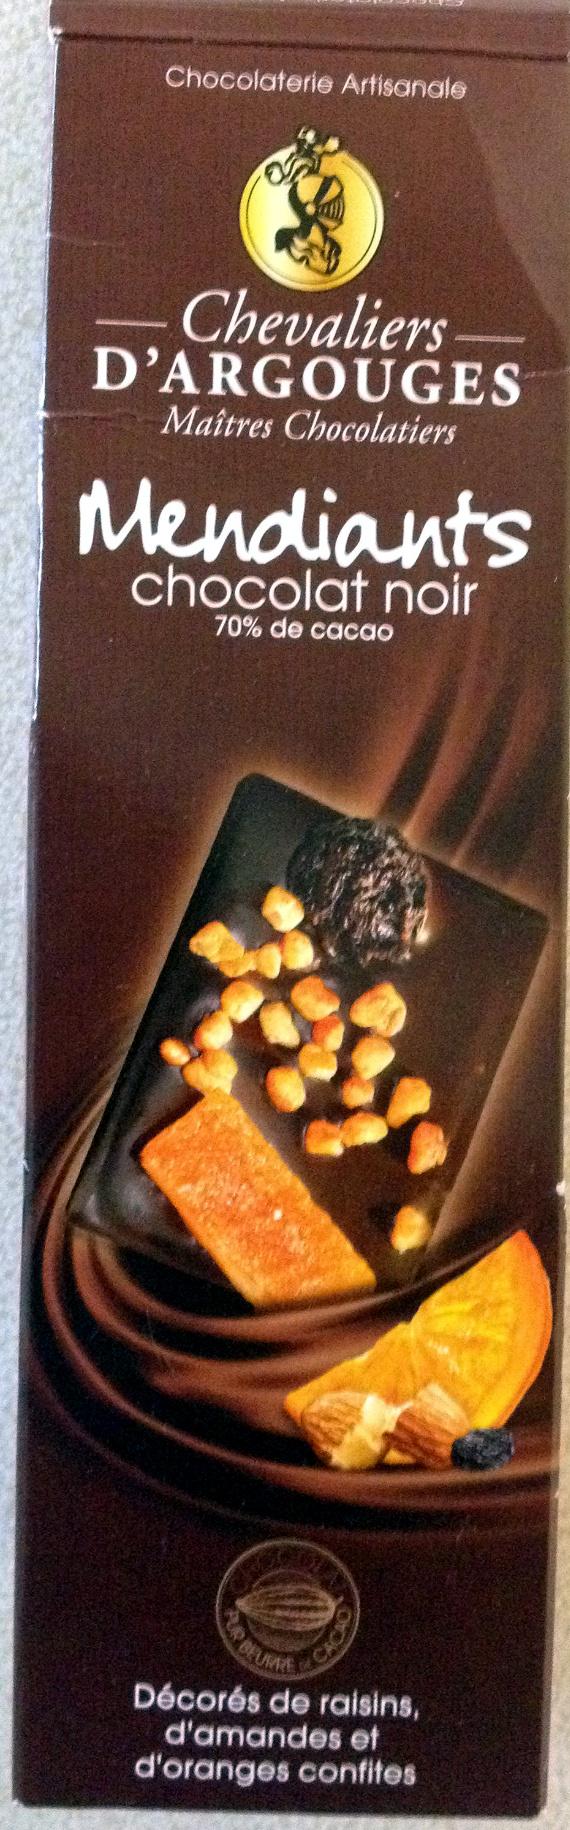 Mendiants chocolat noir - Product - fr